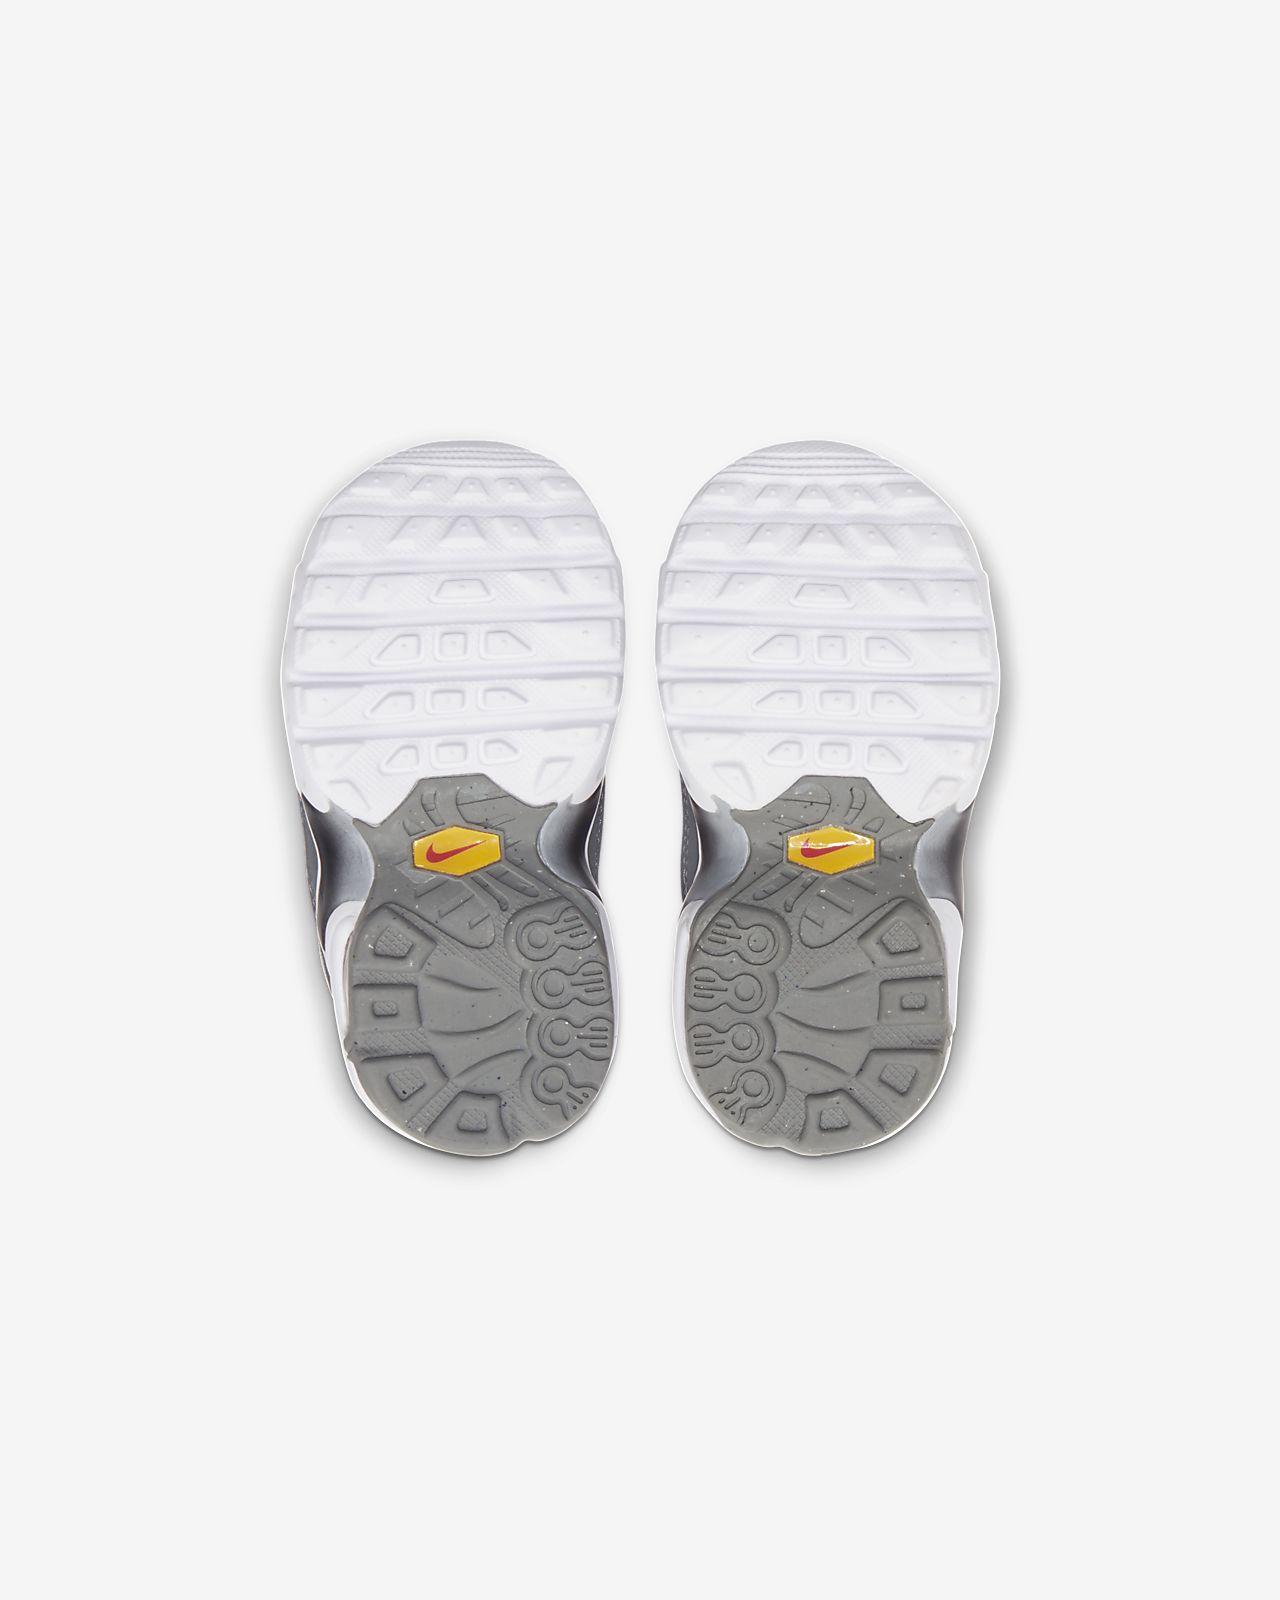 Sko Nike Air Max Plus för babysmå barn